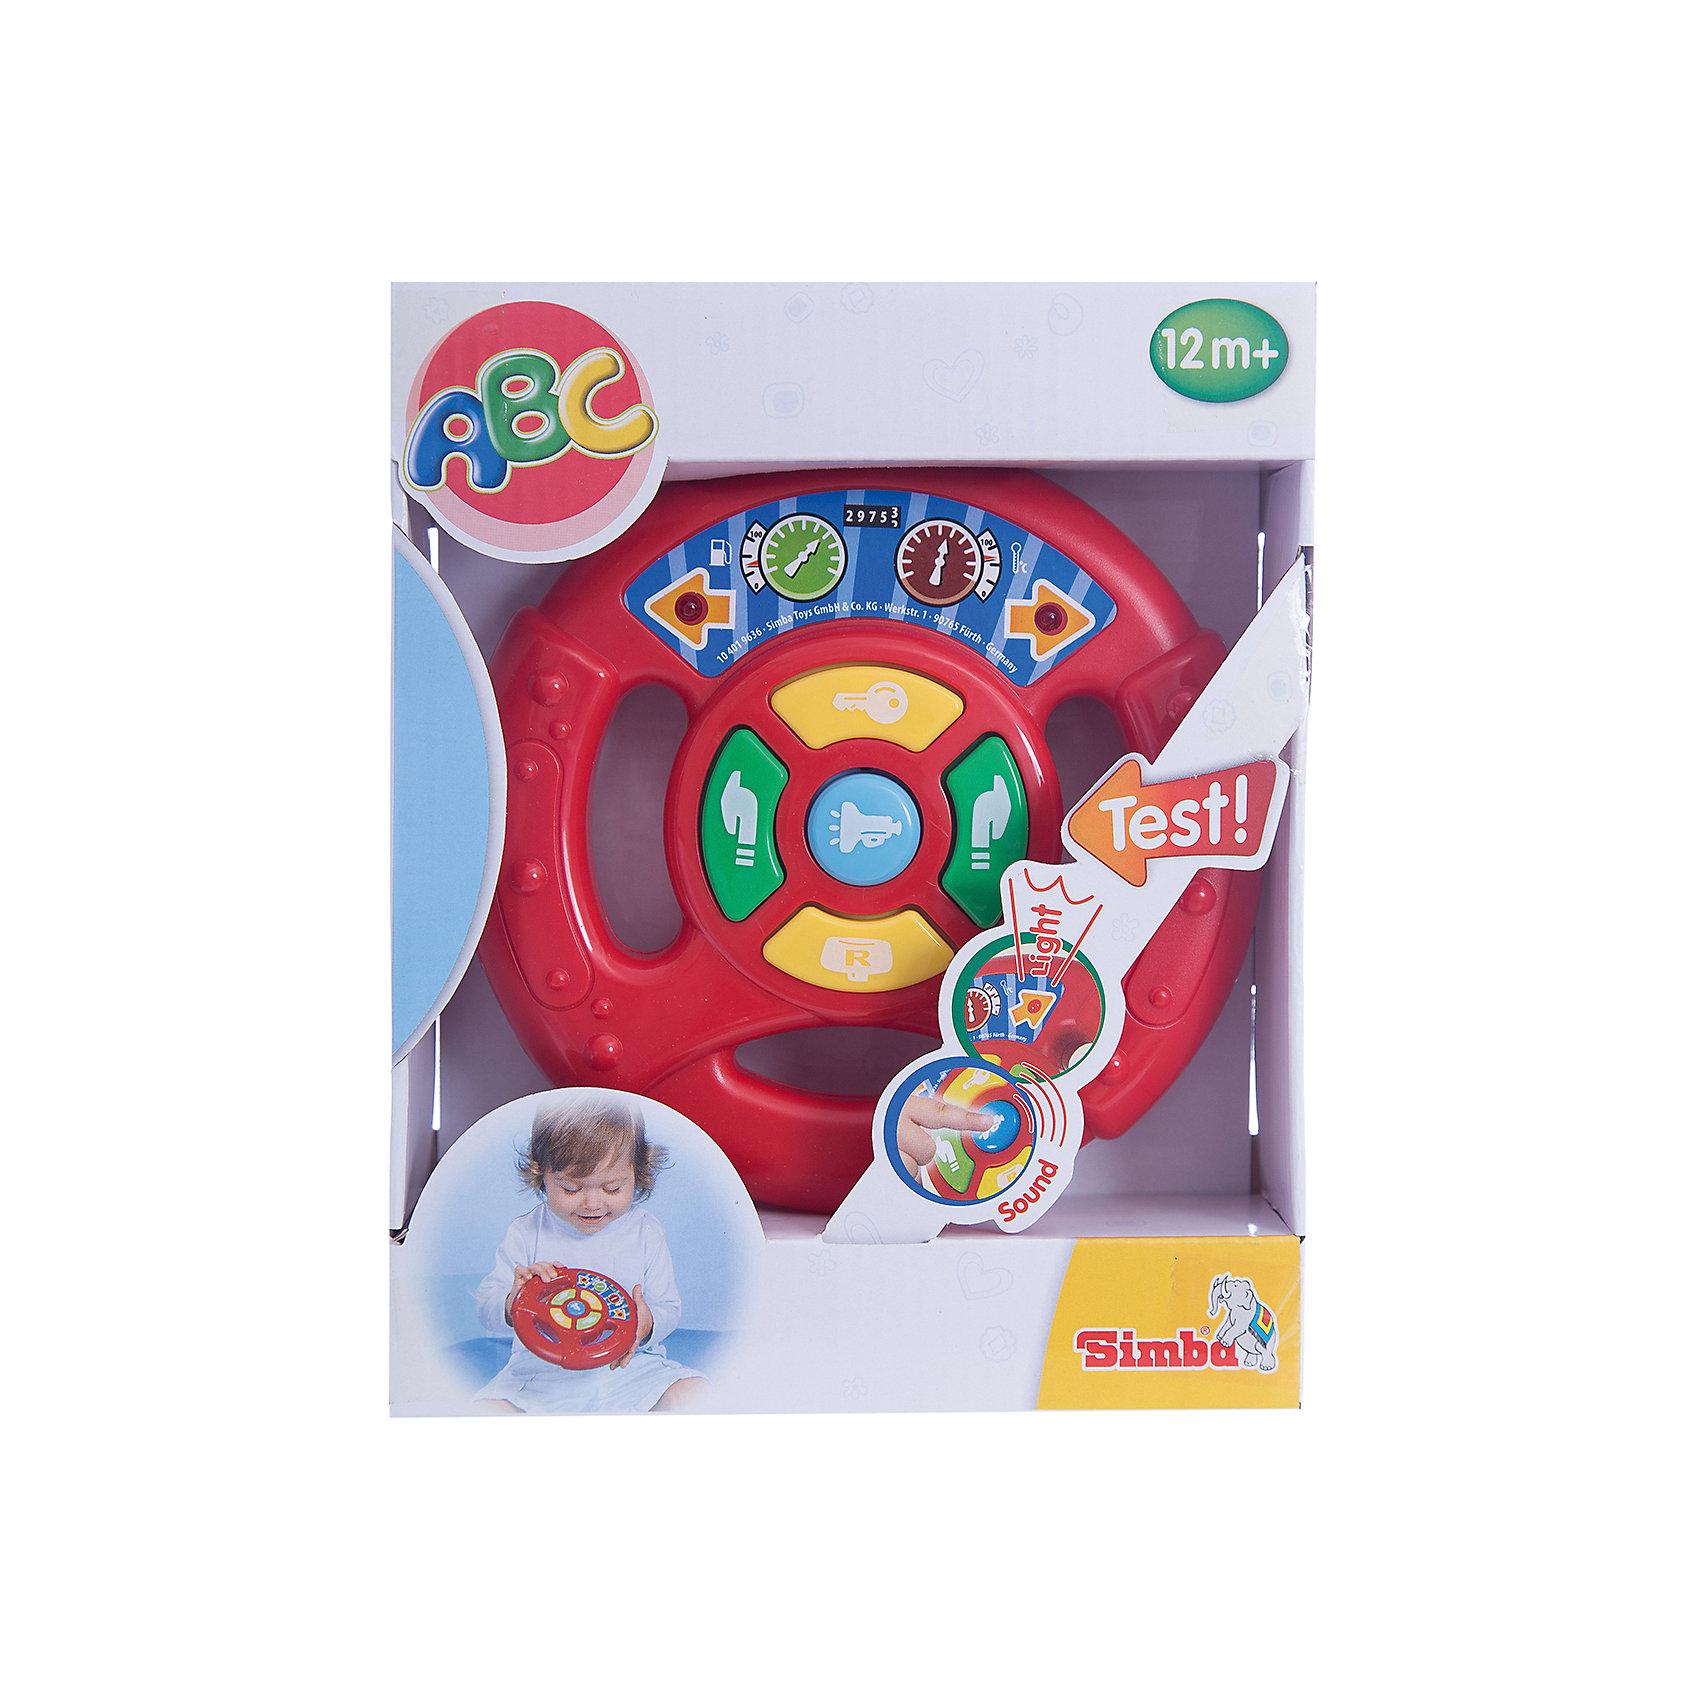 Simba Руль игровой, свет+звукИнтерактивные игрушки для малышей<br>Руль от Simba красочная развивающая игрушка для самых маленьких автолюбителей. Автопутешествие малыша будет сопровождаться разнообразными световыми и звуковыми эффектами, которые не только развлекут ребенка но и будут способствовать его интеллектуальному развитию. При включении кнопки пуска раздается звук заводящейся машины, на панели руля также кнопки поворотов влево-вправо, заднего хода и автомобильного гудка. Звуки сопровождаются миганием красных огоньков на стрелках-указателях поворотов.<br><br>Дополнительная информация:<br><br>- Размер игрушки: 15,5 см.<br>- Размер упаковки: 21х17х6 см.<br>- Вес: 0,26 кг.<br><br>Купить руль можно в нашем магазине.<br><br>Ширина мм: 210<br>Глубина мм: 58<br>Высота мм: 170<br>Вес г: 300<br>Возраст от месяцев: 12<br>Возраст до месяцев: 36<br>Пол: Мужской<br>Возраст: Детский<br>SKU: 3246445